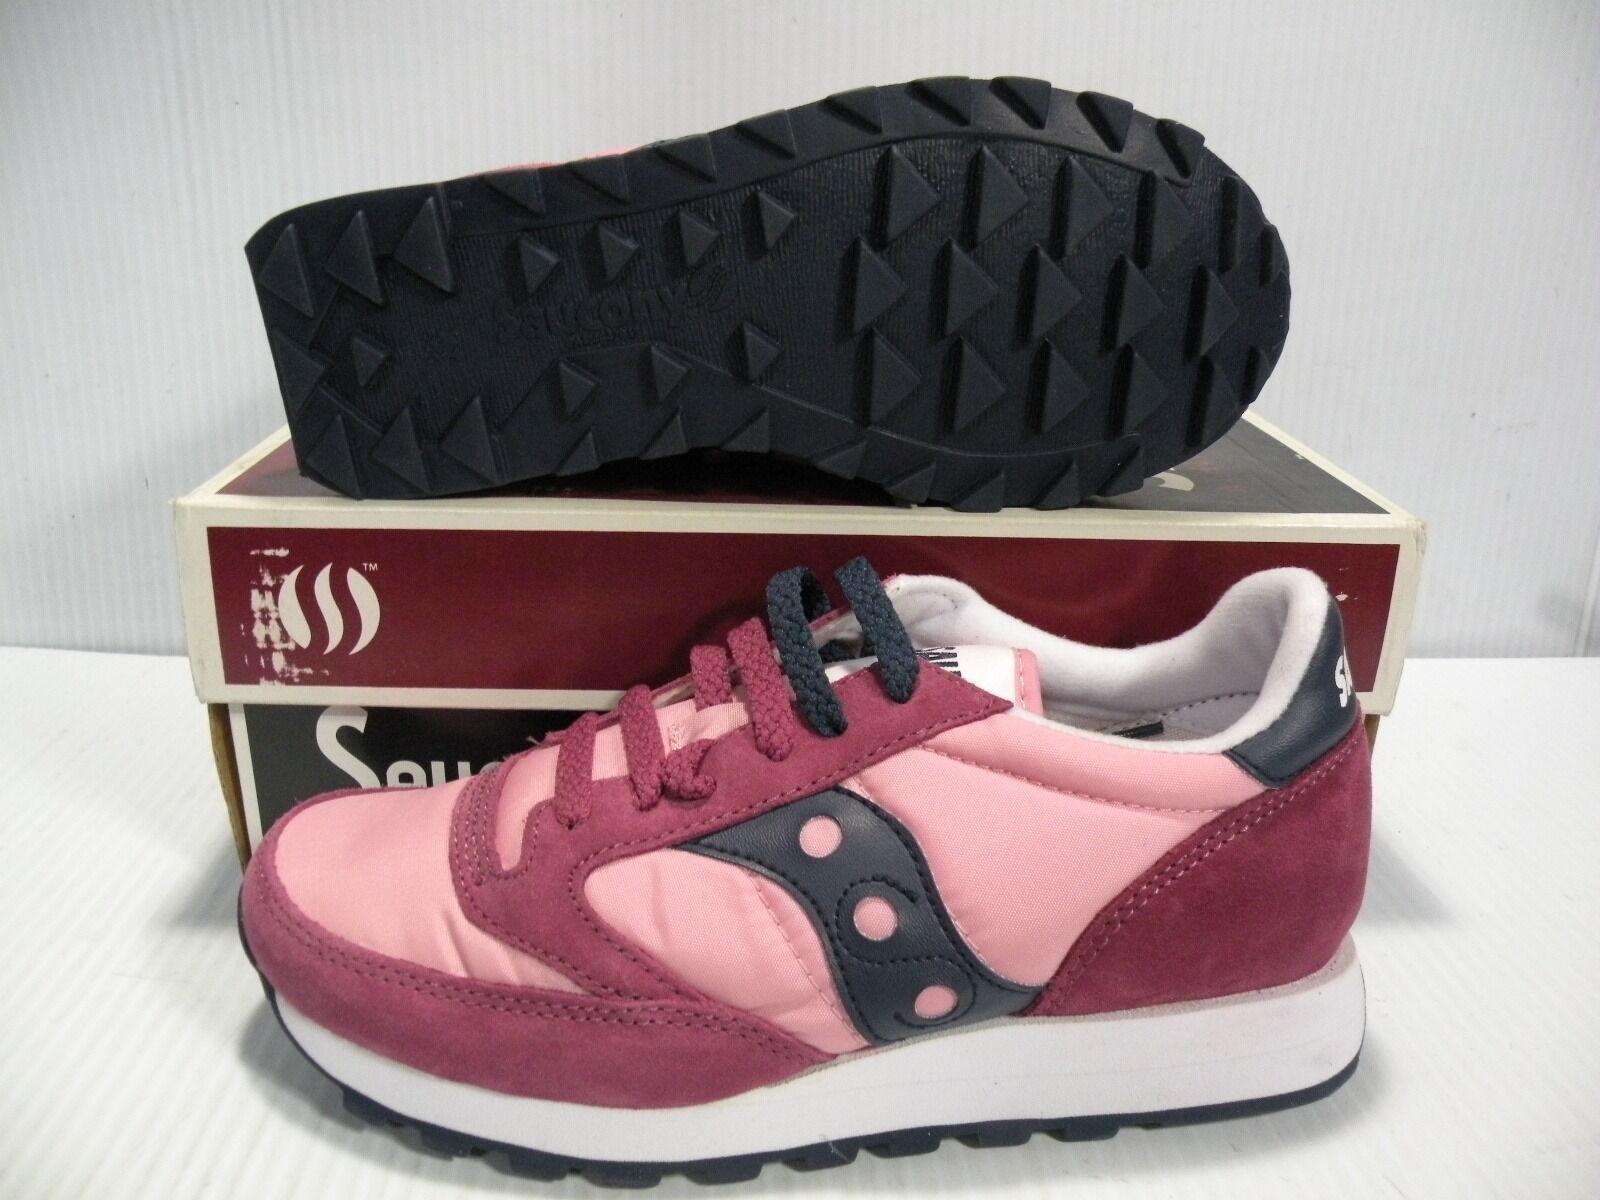 Saucony Jazz Original Baja Zapatillas Zapatos Zapatos Zapatos Para Mujeres Ciruela rosado 1044-146 Talla 5.5 Nuevo  promociones de equipo